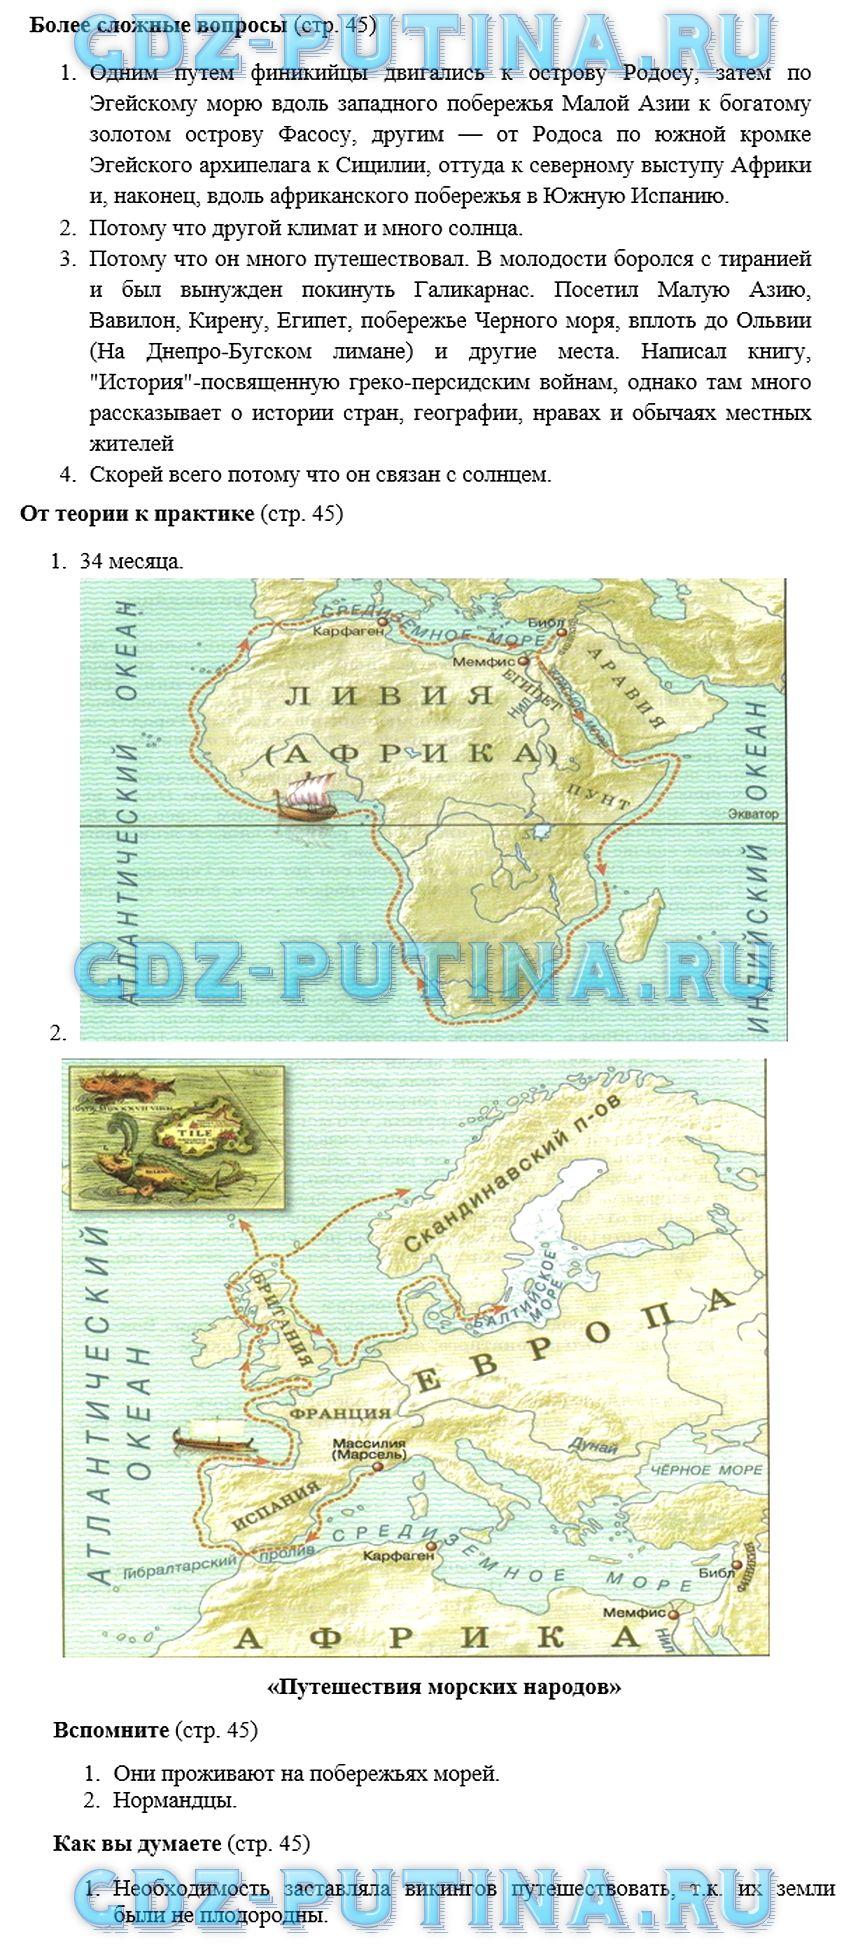 Решебник по географии 5 класс рабочая тетрадь введенского